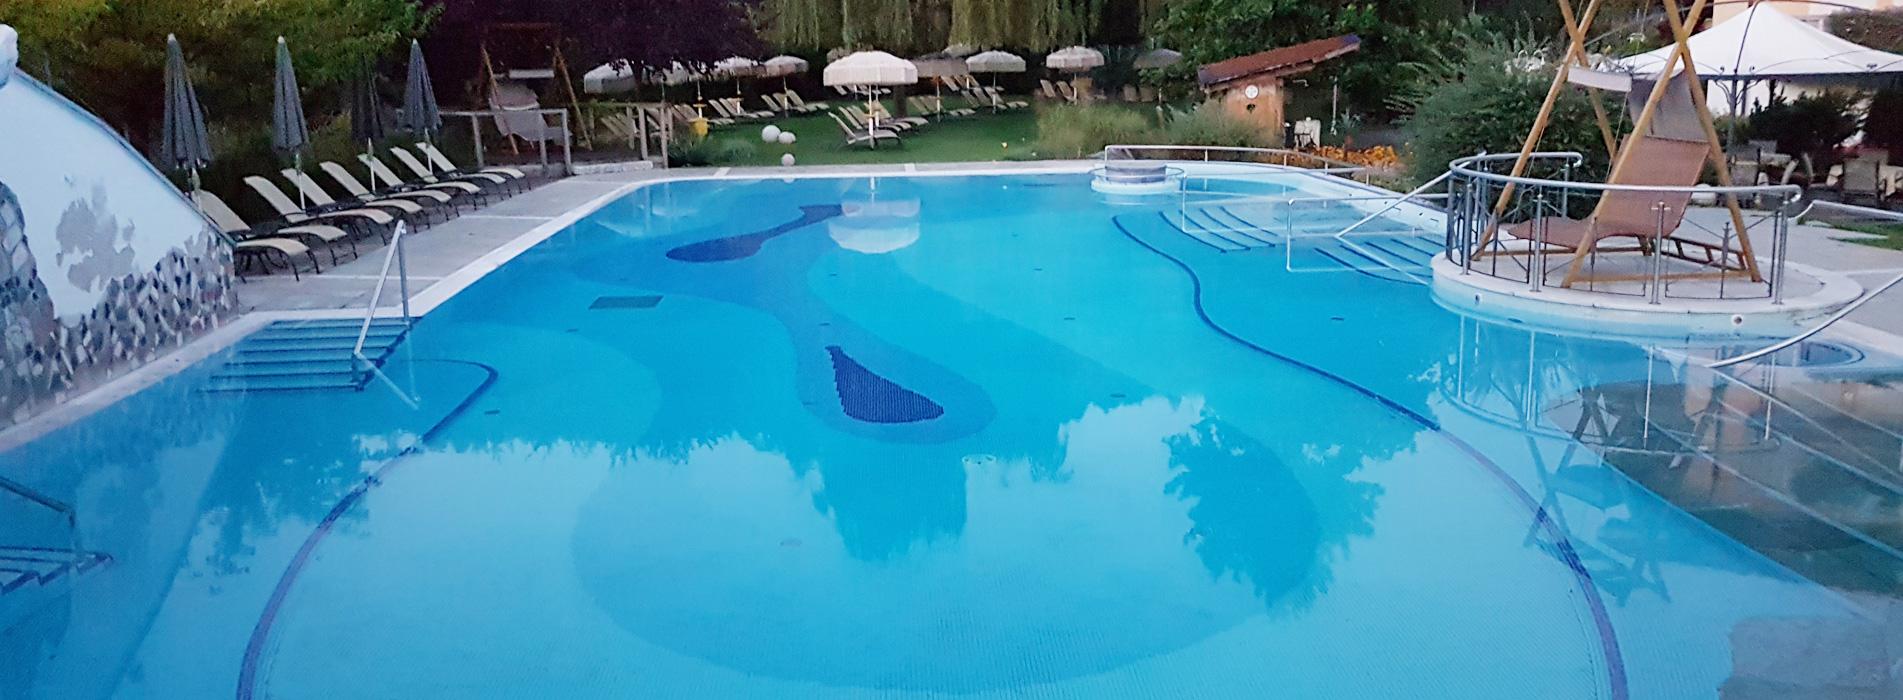 Mlz pools wellness schwimmbadbau in k nigstein - Innenarchitekt heidelberg ...